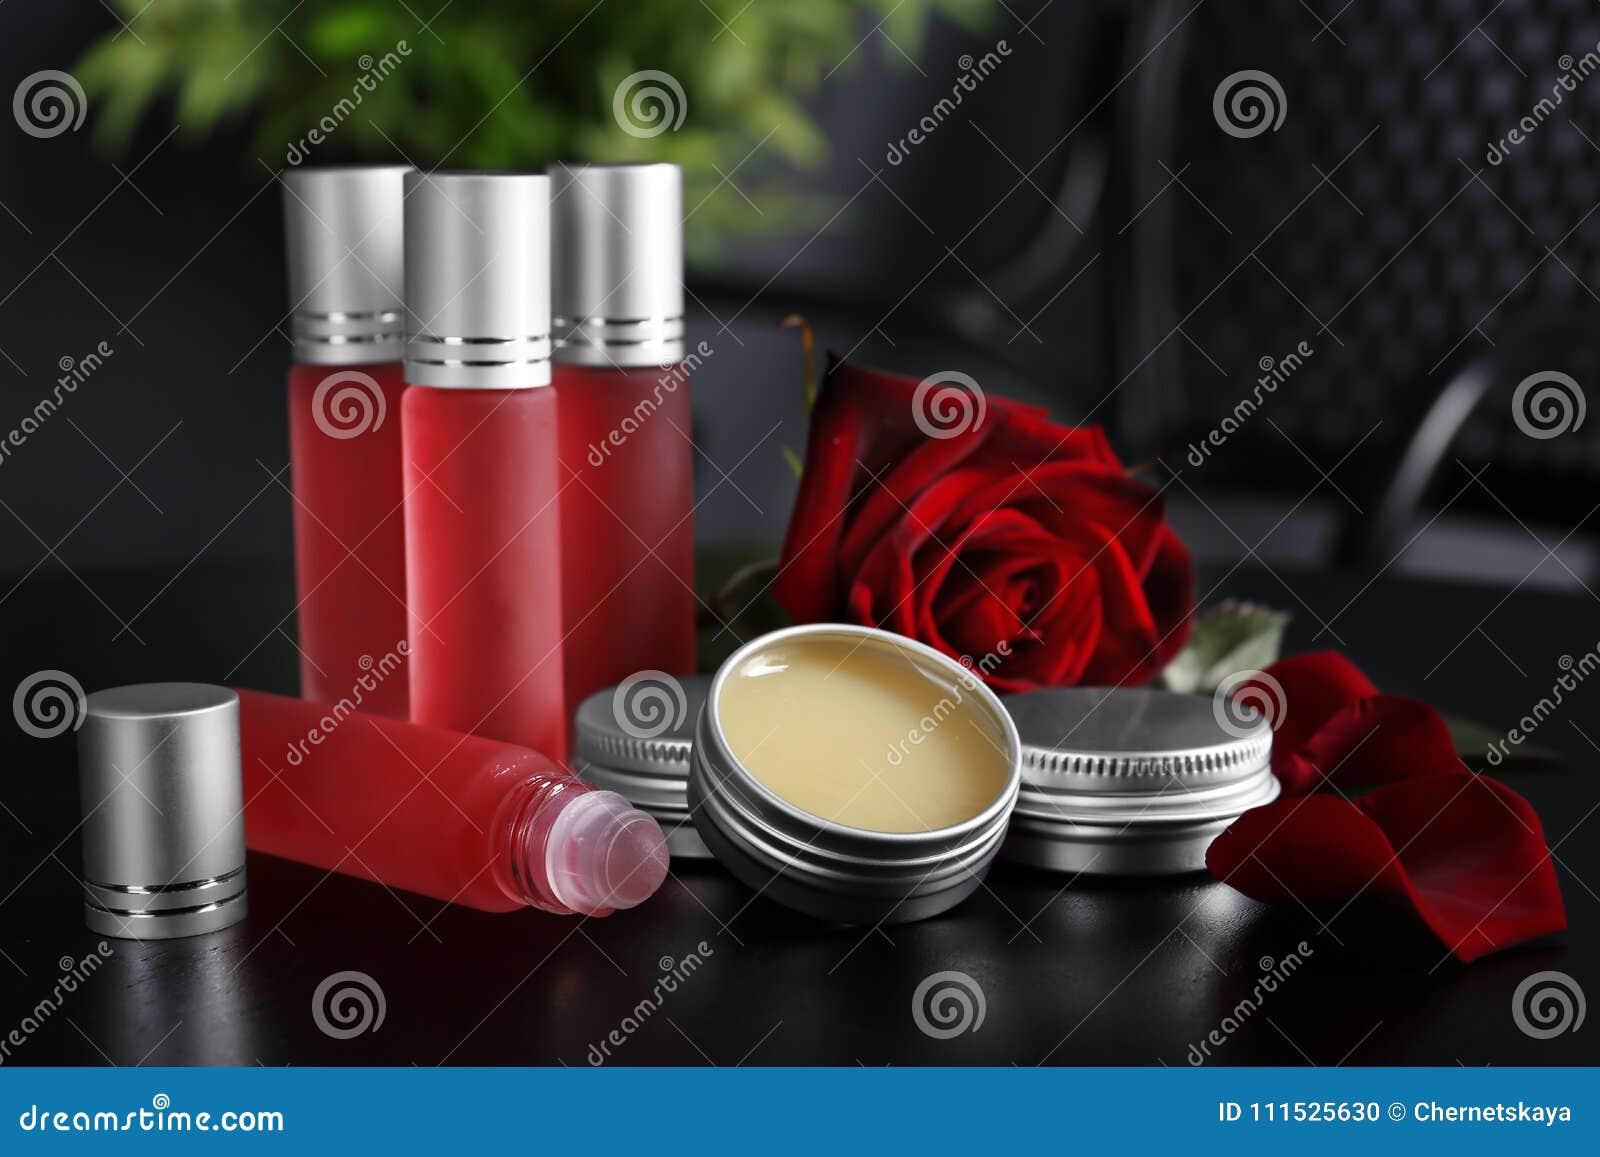 De flessen, containers met parfum en namen toe